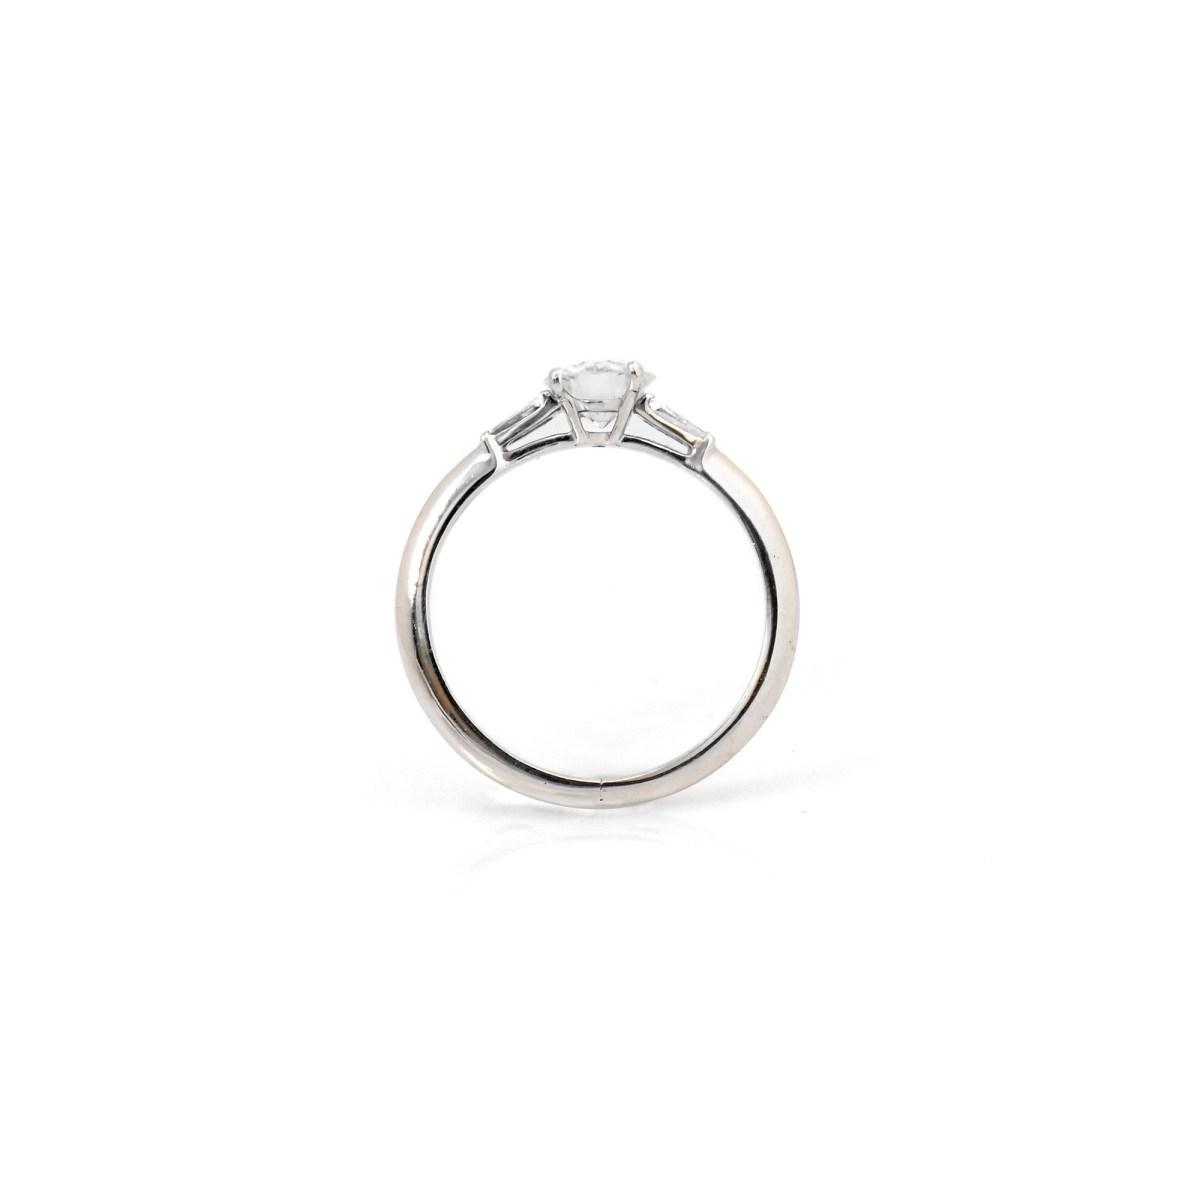 Bague Diamant Solitaire et Tapers   Référence : BA-A275   EVENOR Joaillerie • Bijoux Vintage et Bijoux d'occasion